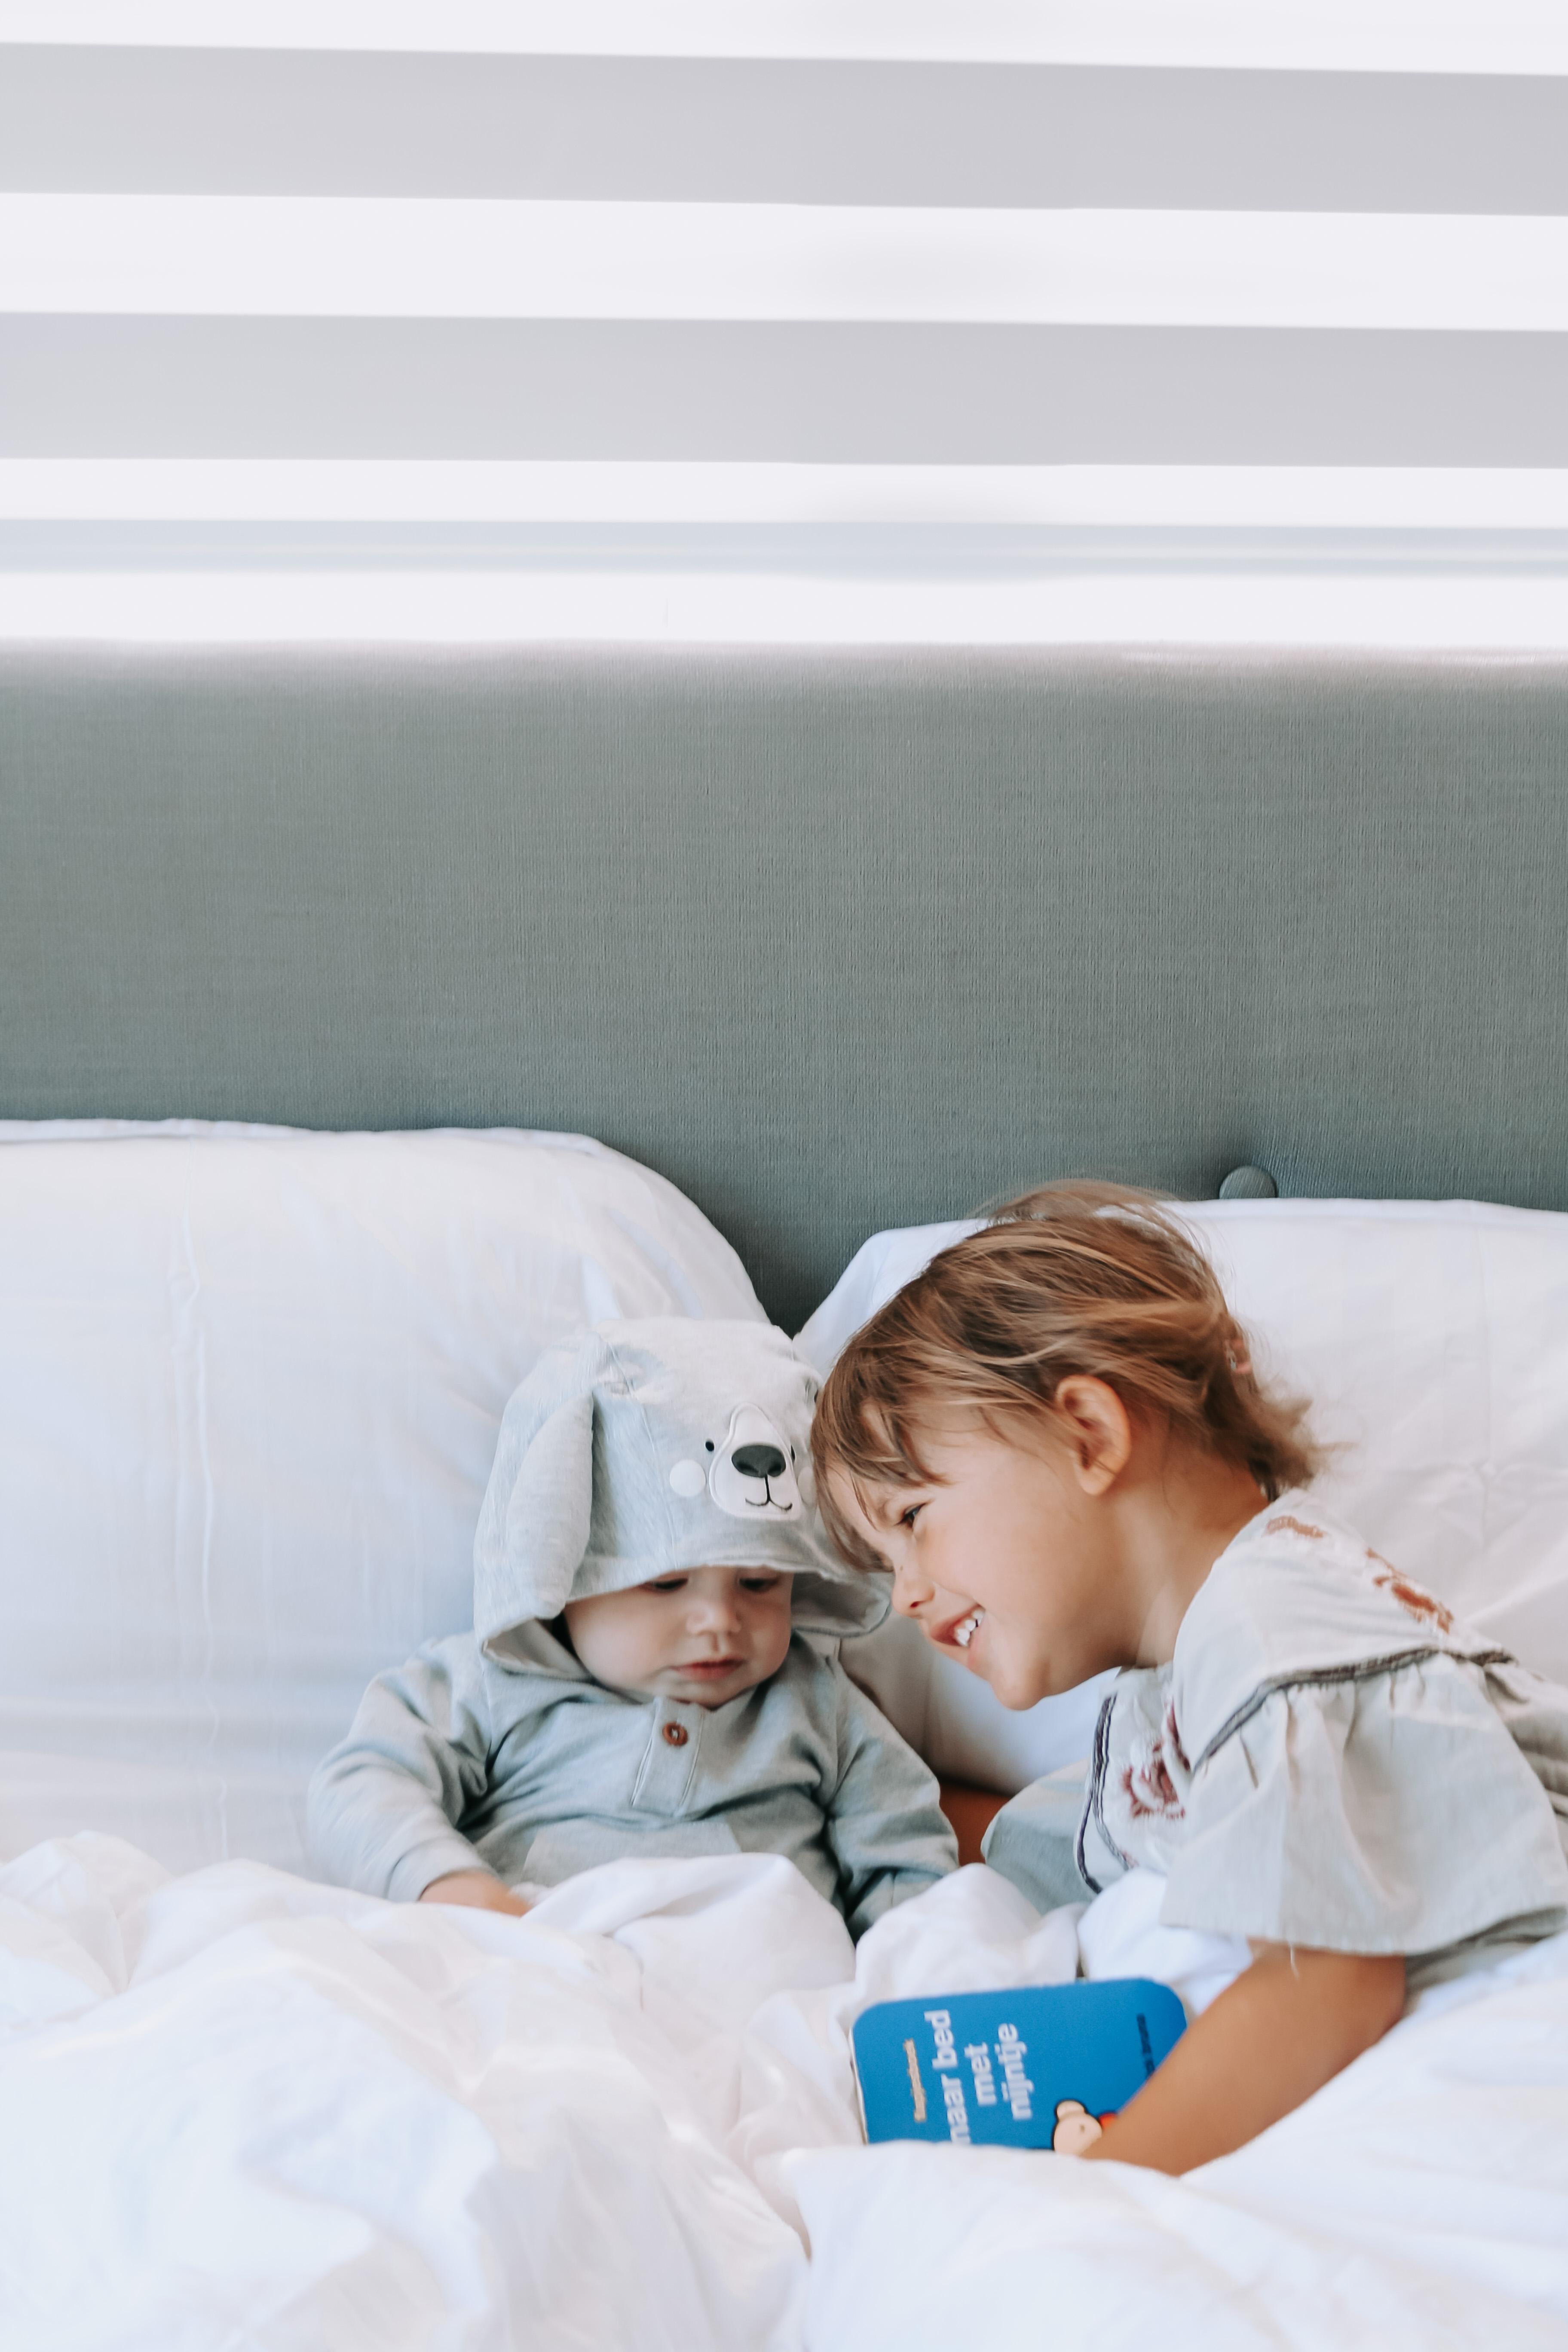 samen boekje lezen op bed